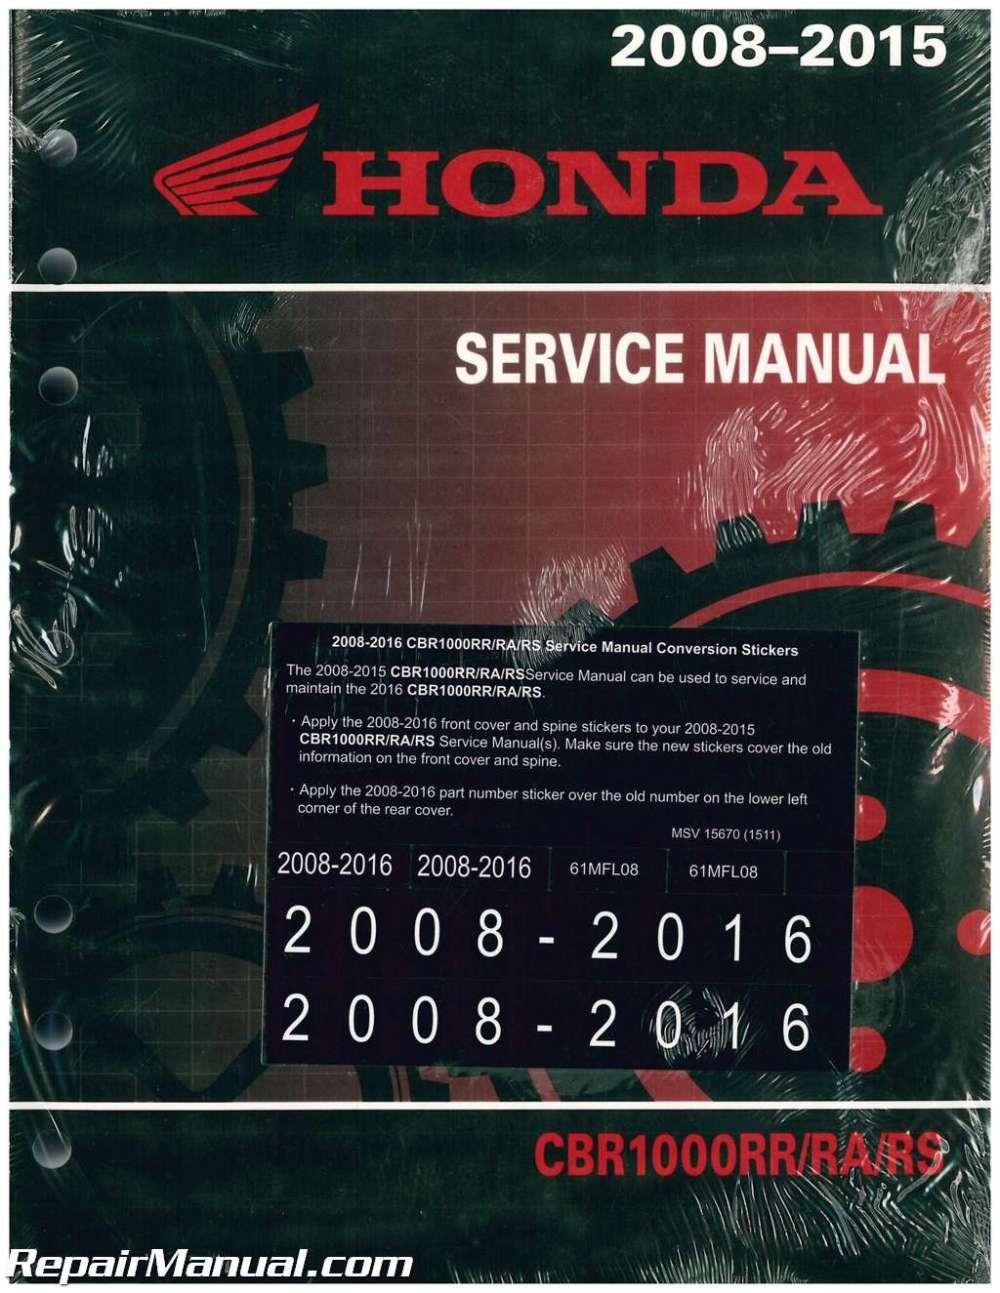 medium resolution of 2008 2016 honda cbr1000rr